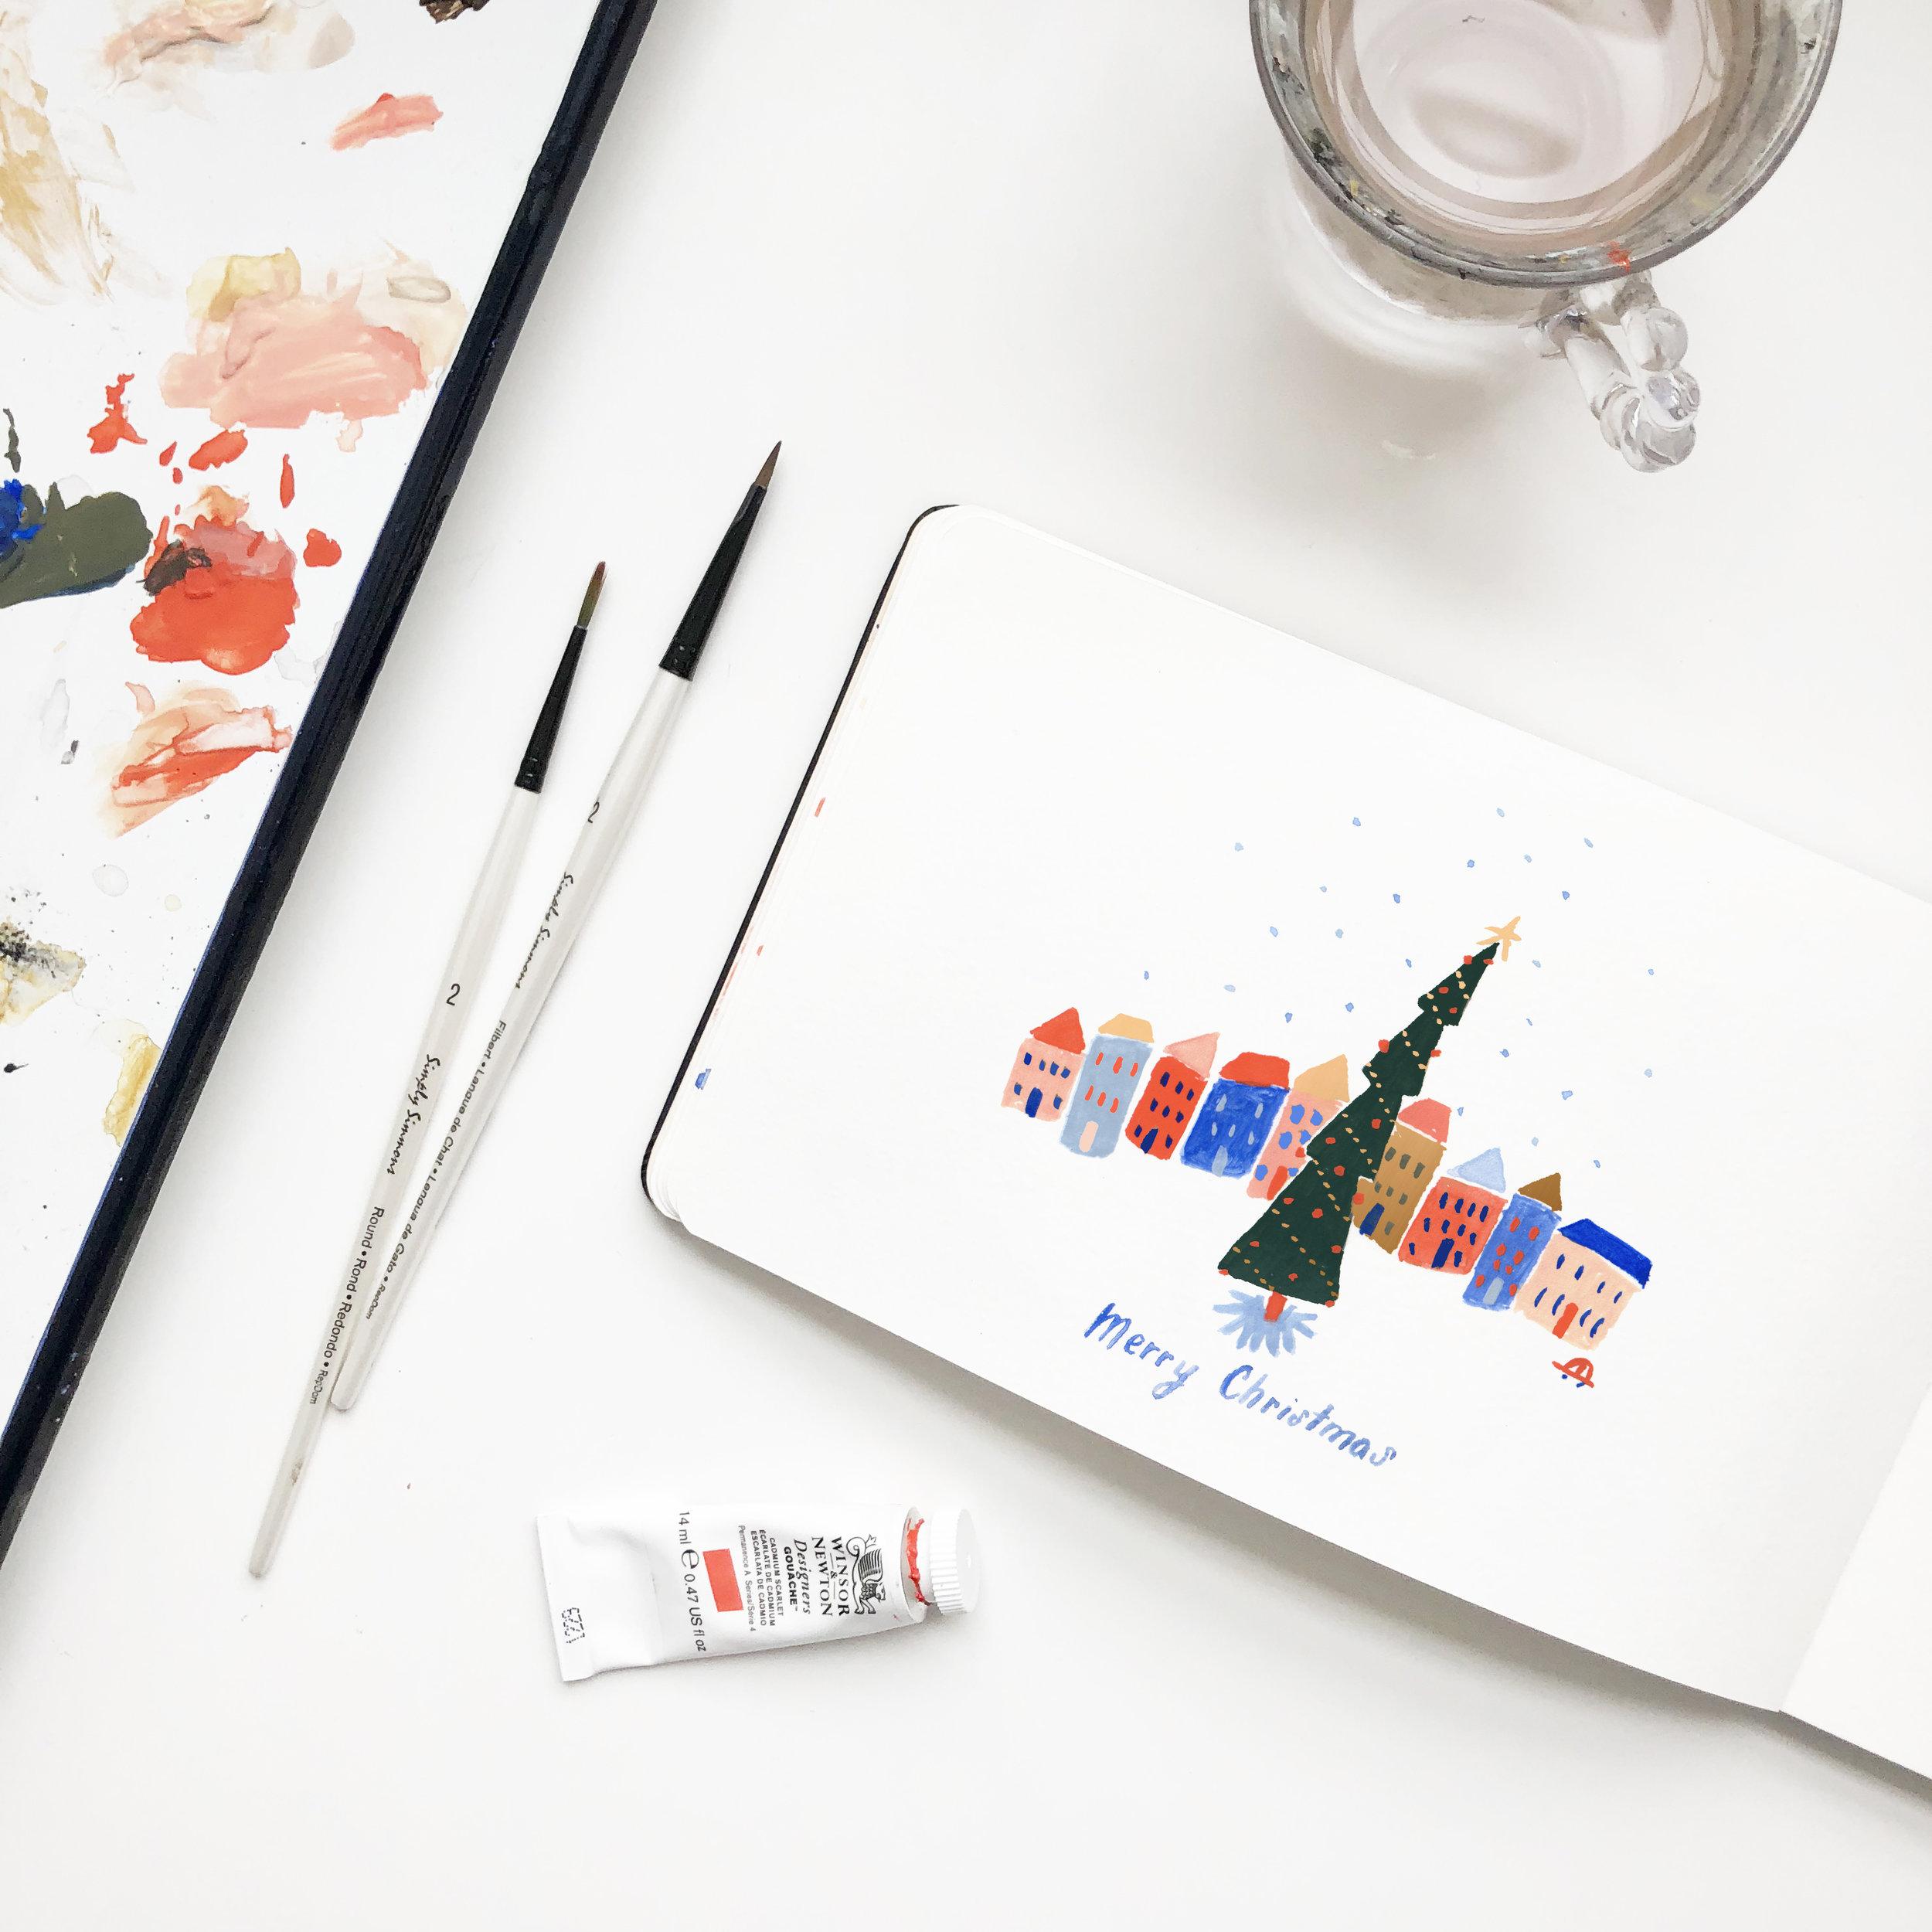 Merry Christmas_Sketchbook.jpg